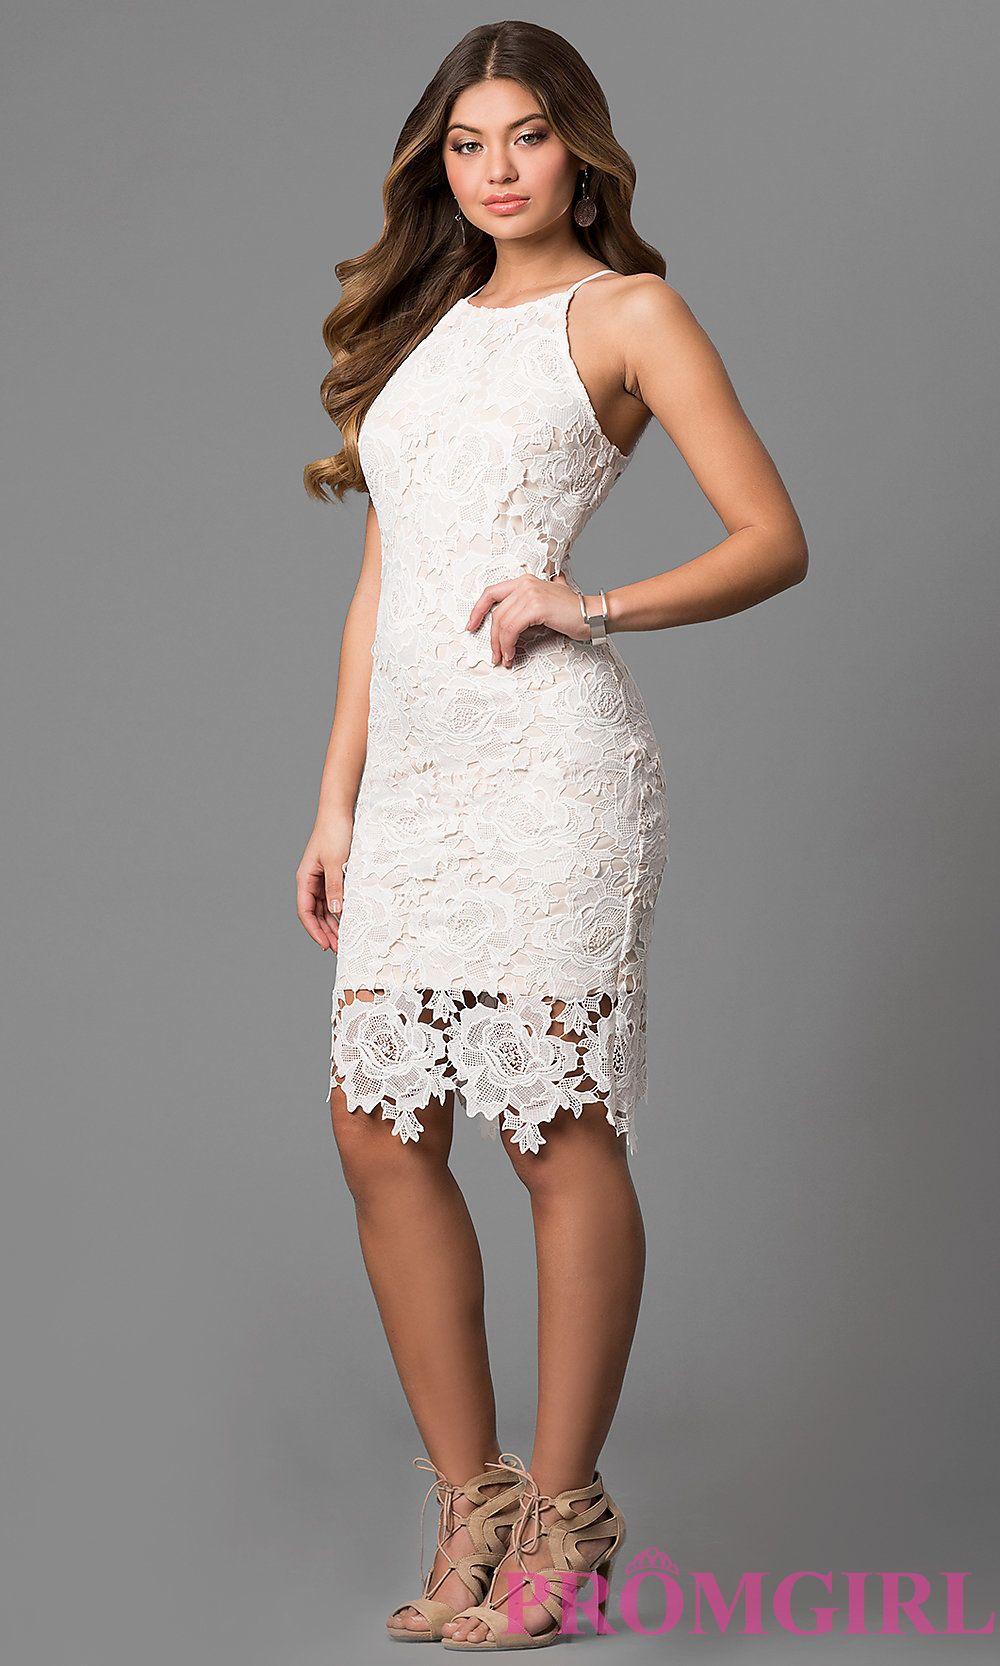 Knee Length Floral Lace Graduation Dress In Off White Graduation Party Dresses Lace White Dress Short Graduation Dresses [ 1666 x 1000 Pixel ]